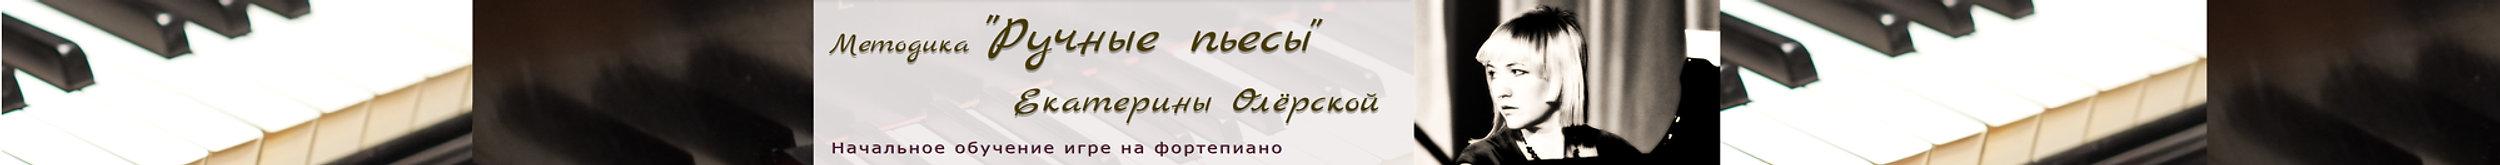 фото Екатерины Олёрской